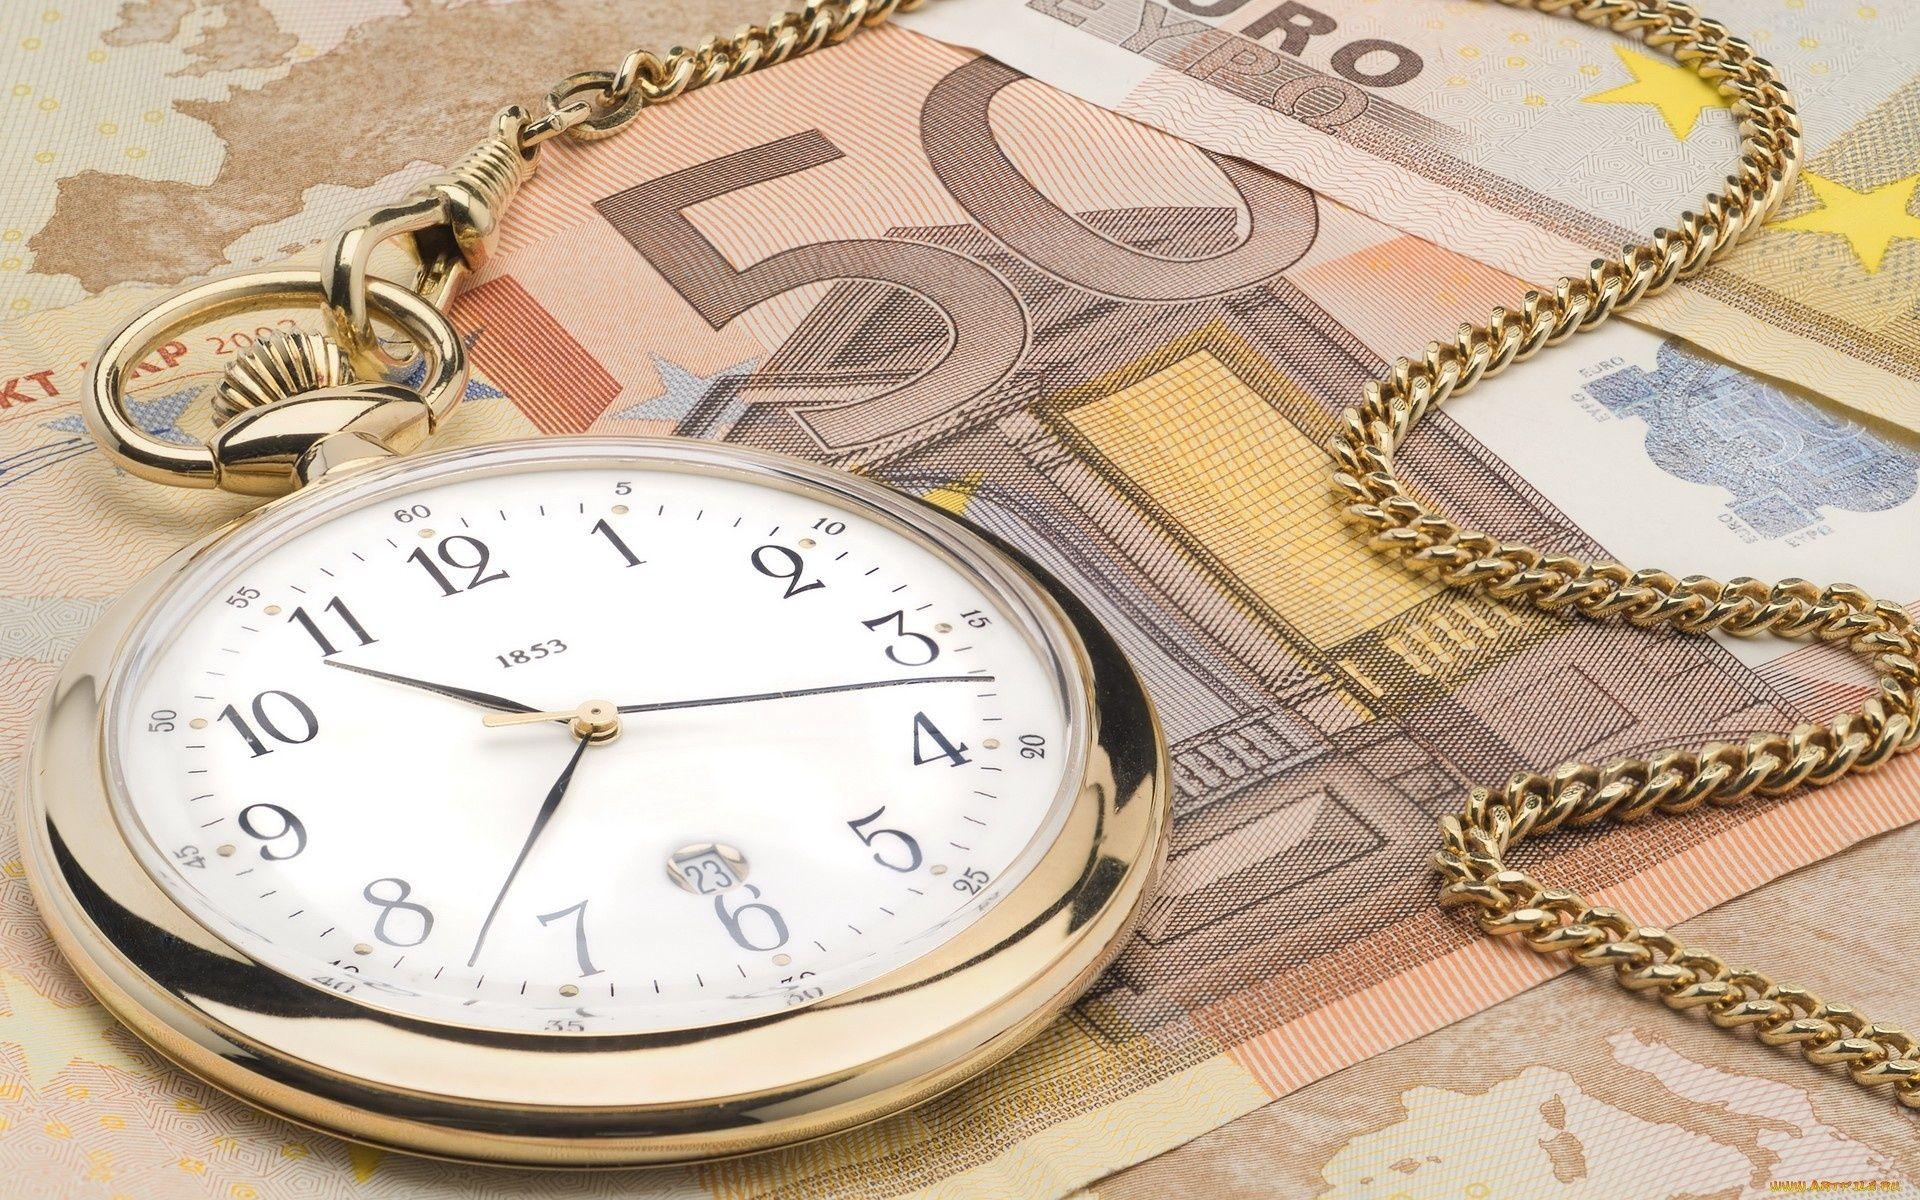 Карманные часы и скатерть  № 2171685  скачать